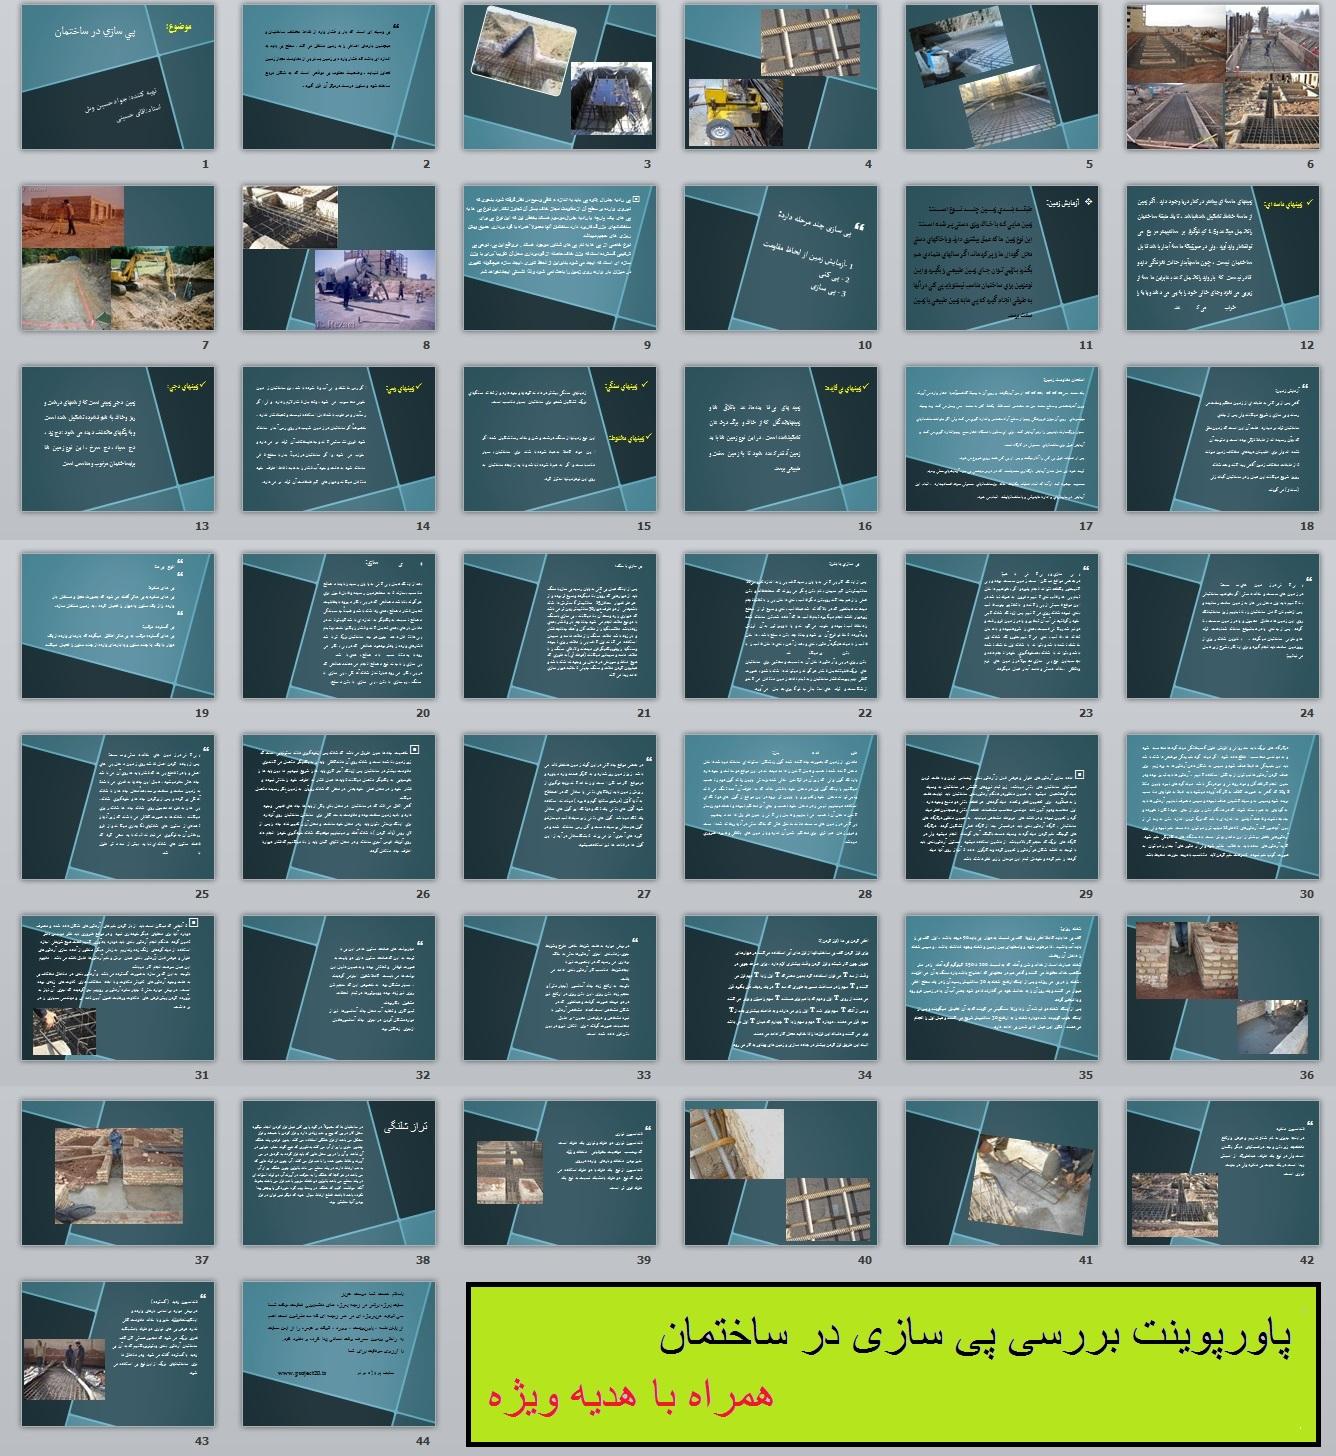 پیش نمایش پي سازي در ساختمان